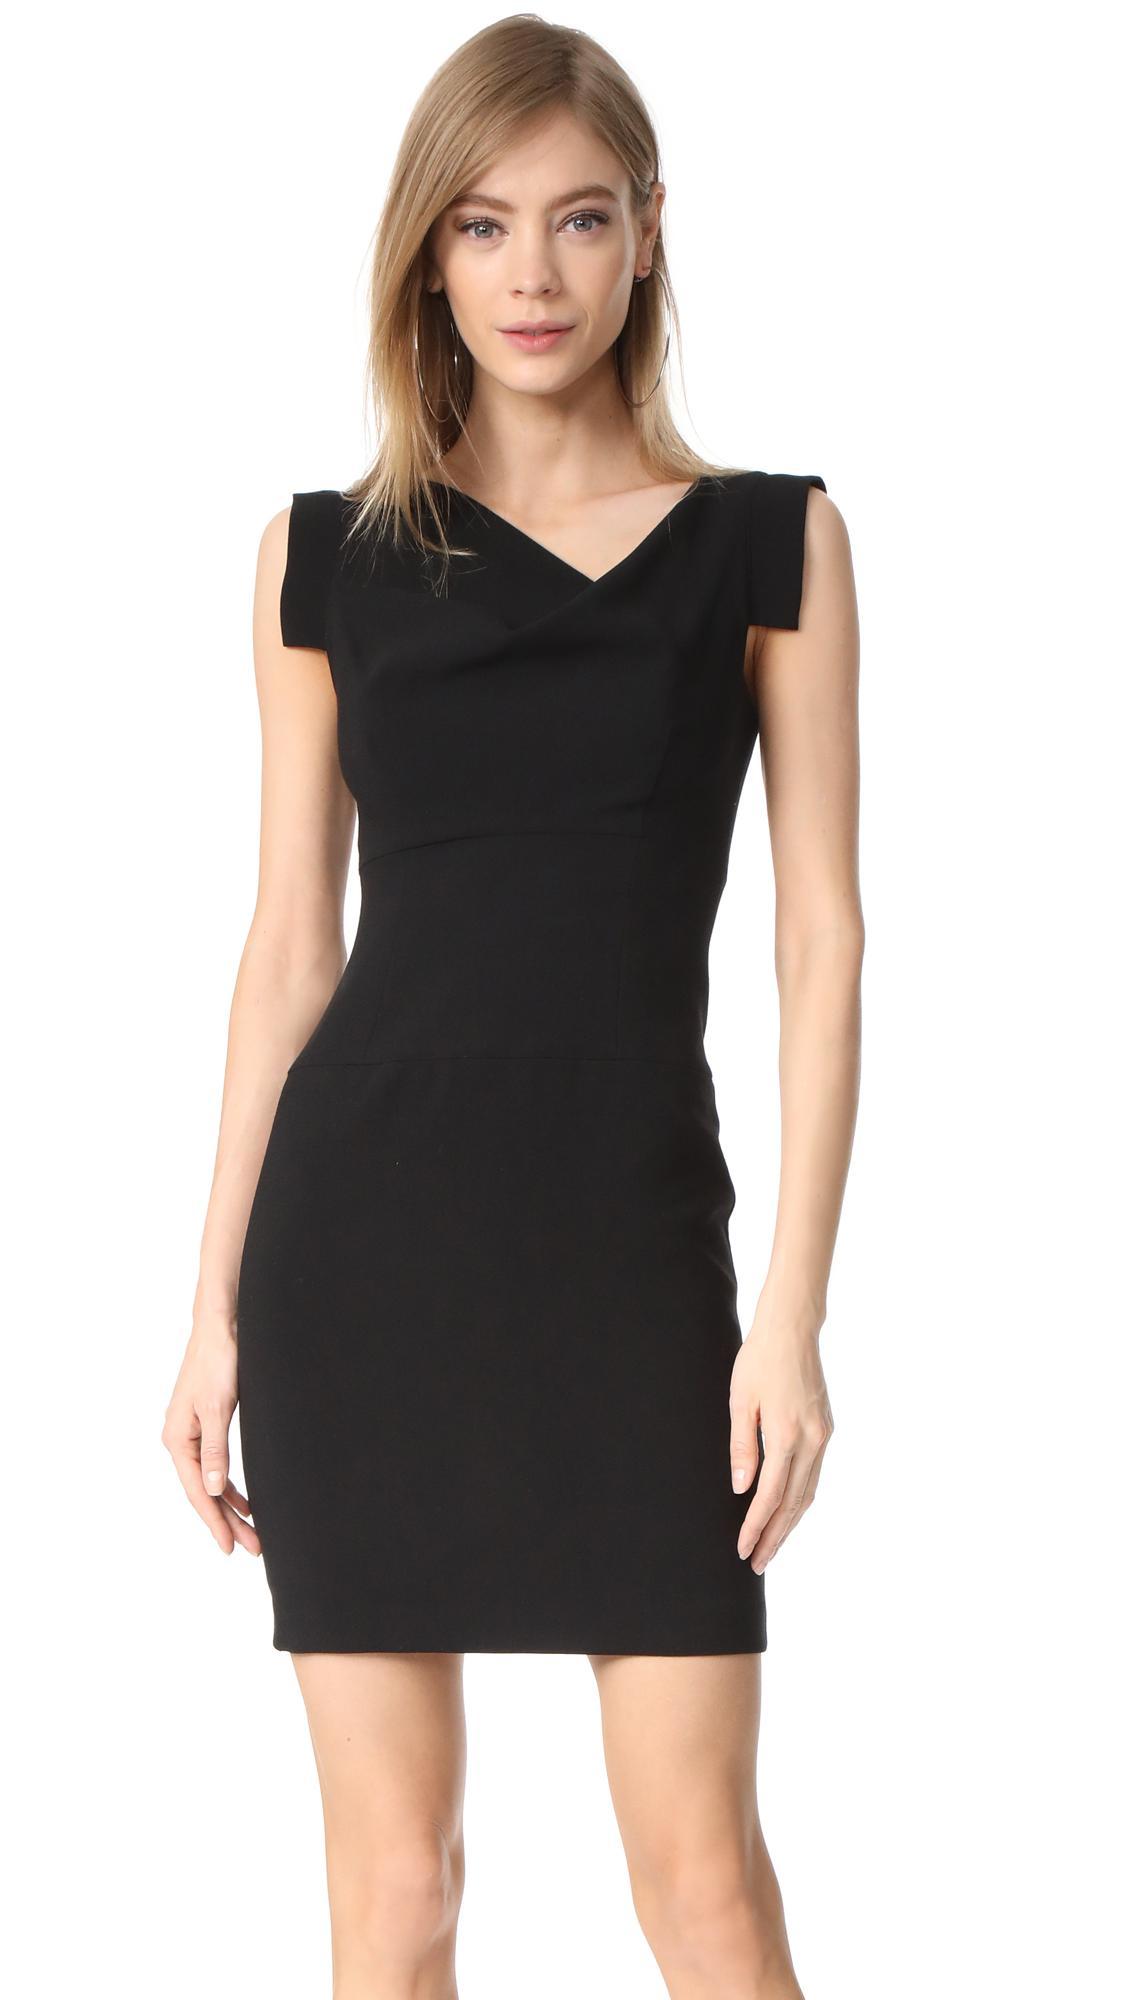 Black Halo Jackie O Mini Dress In Black